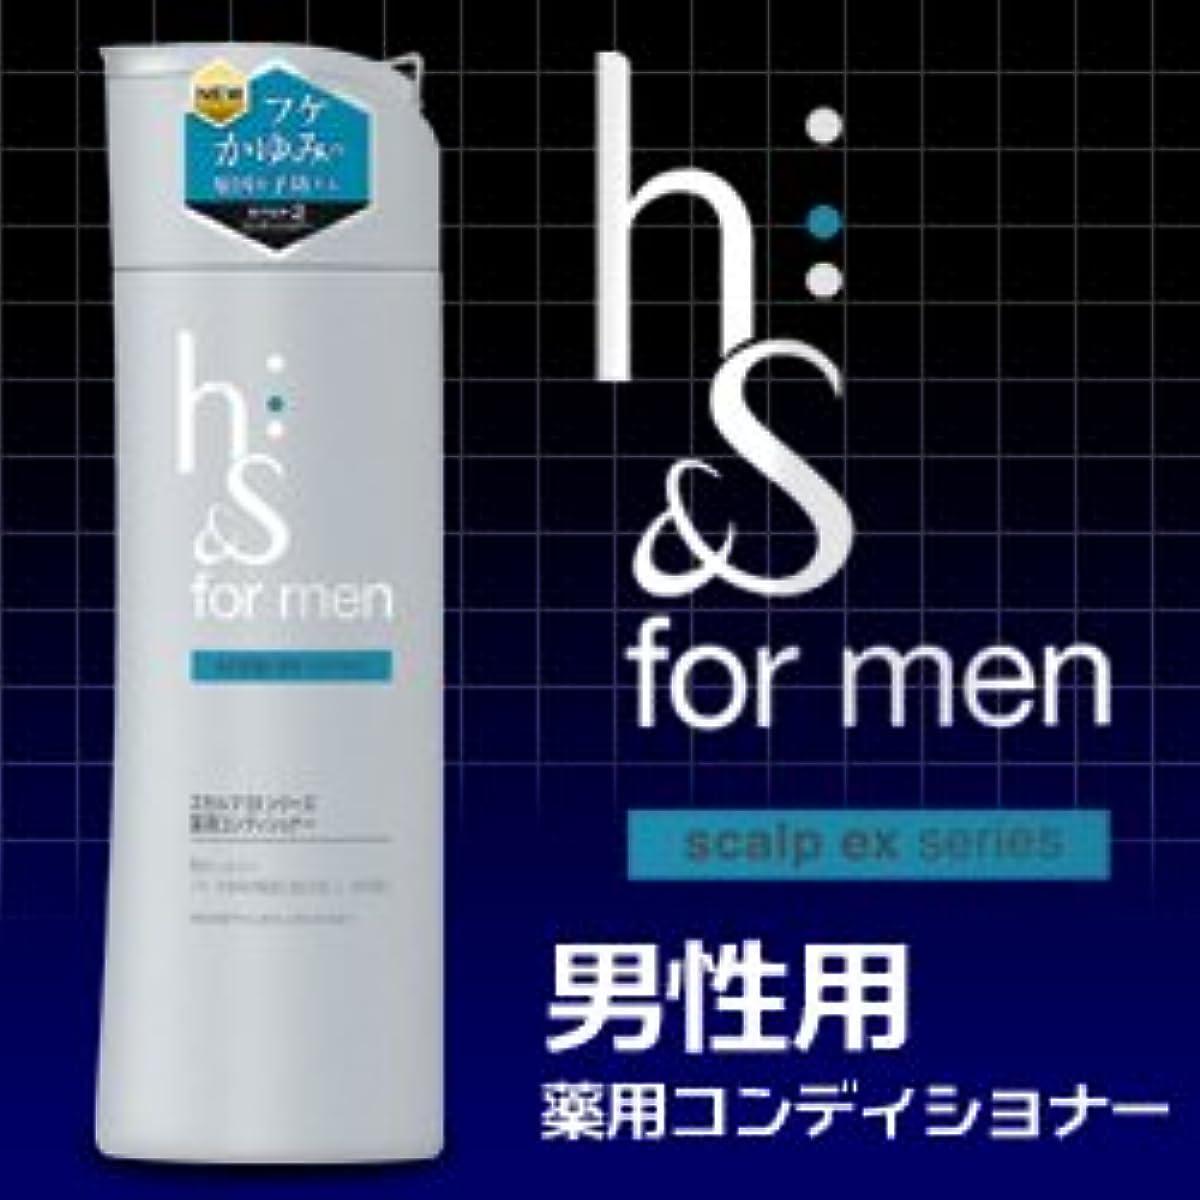 作り姓枕【P&G】  男のヘッドスパ 【h&s for men】 スカルプEX 薬用コンディショナー 本体 200g ×20個セット